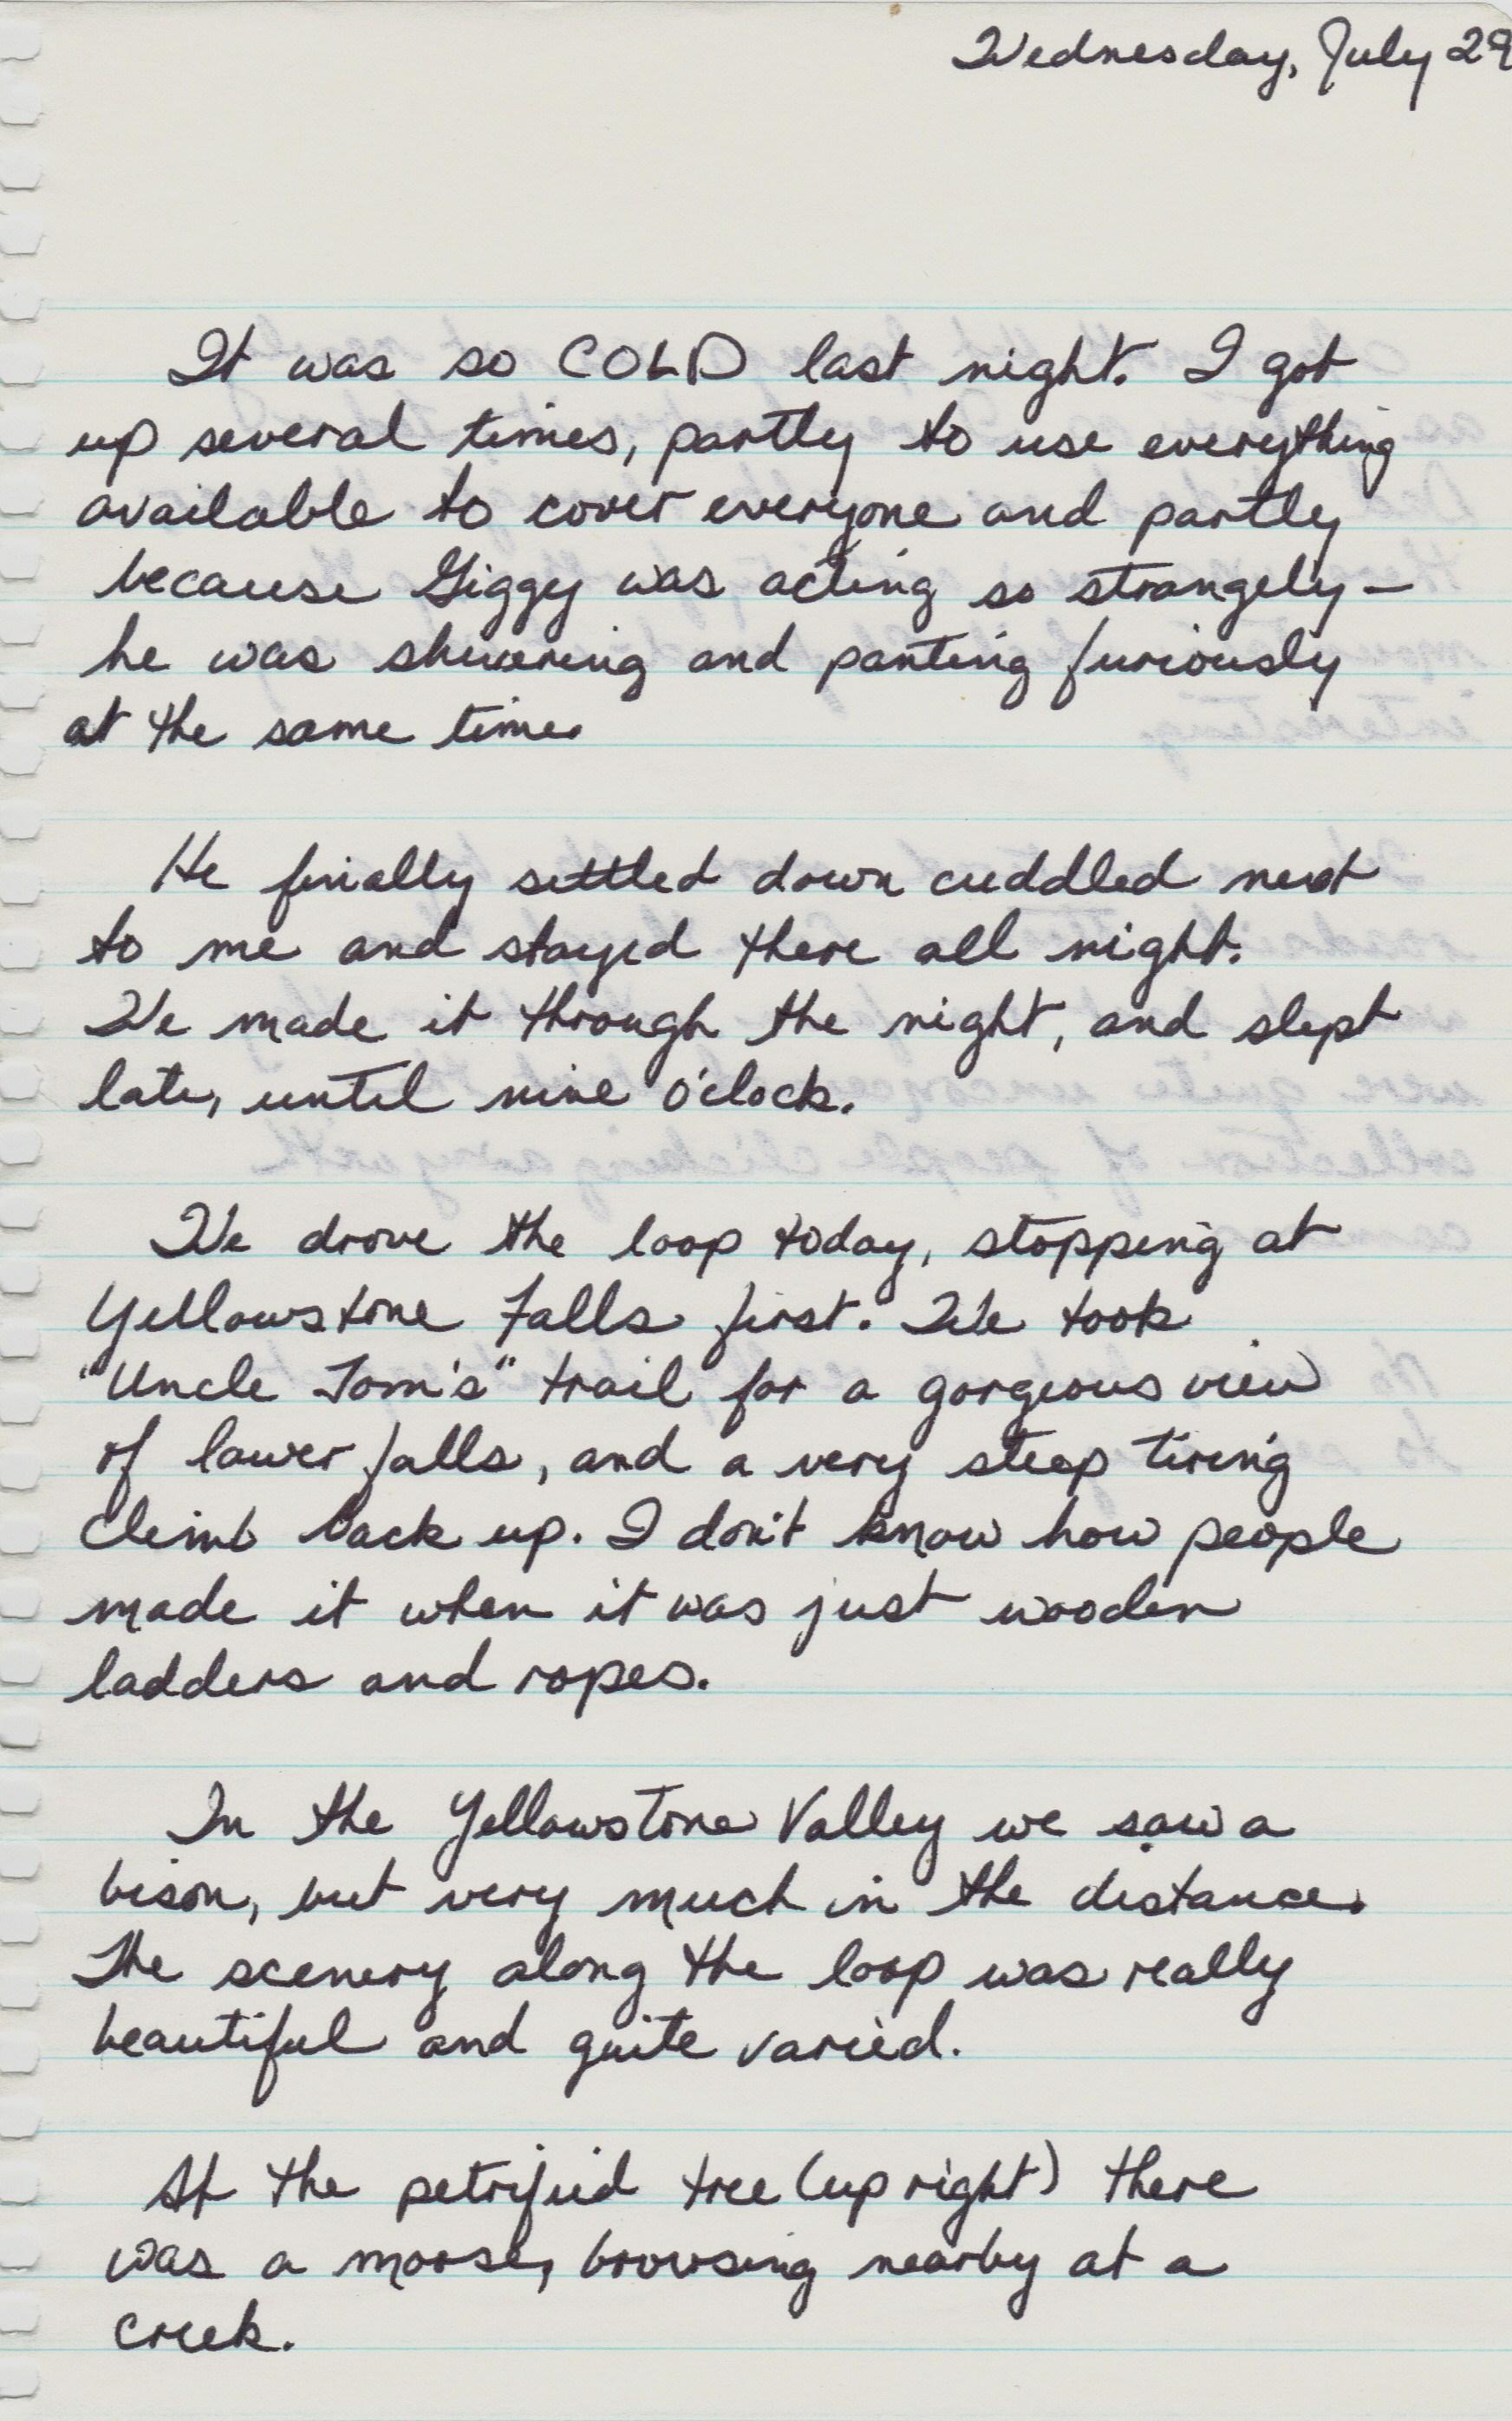 July 29, 1981